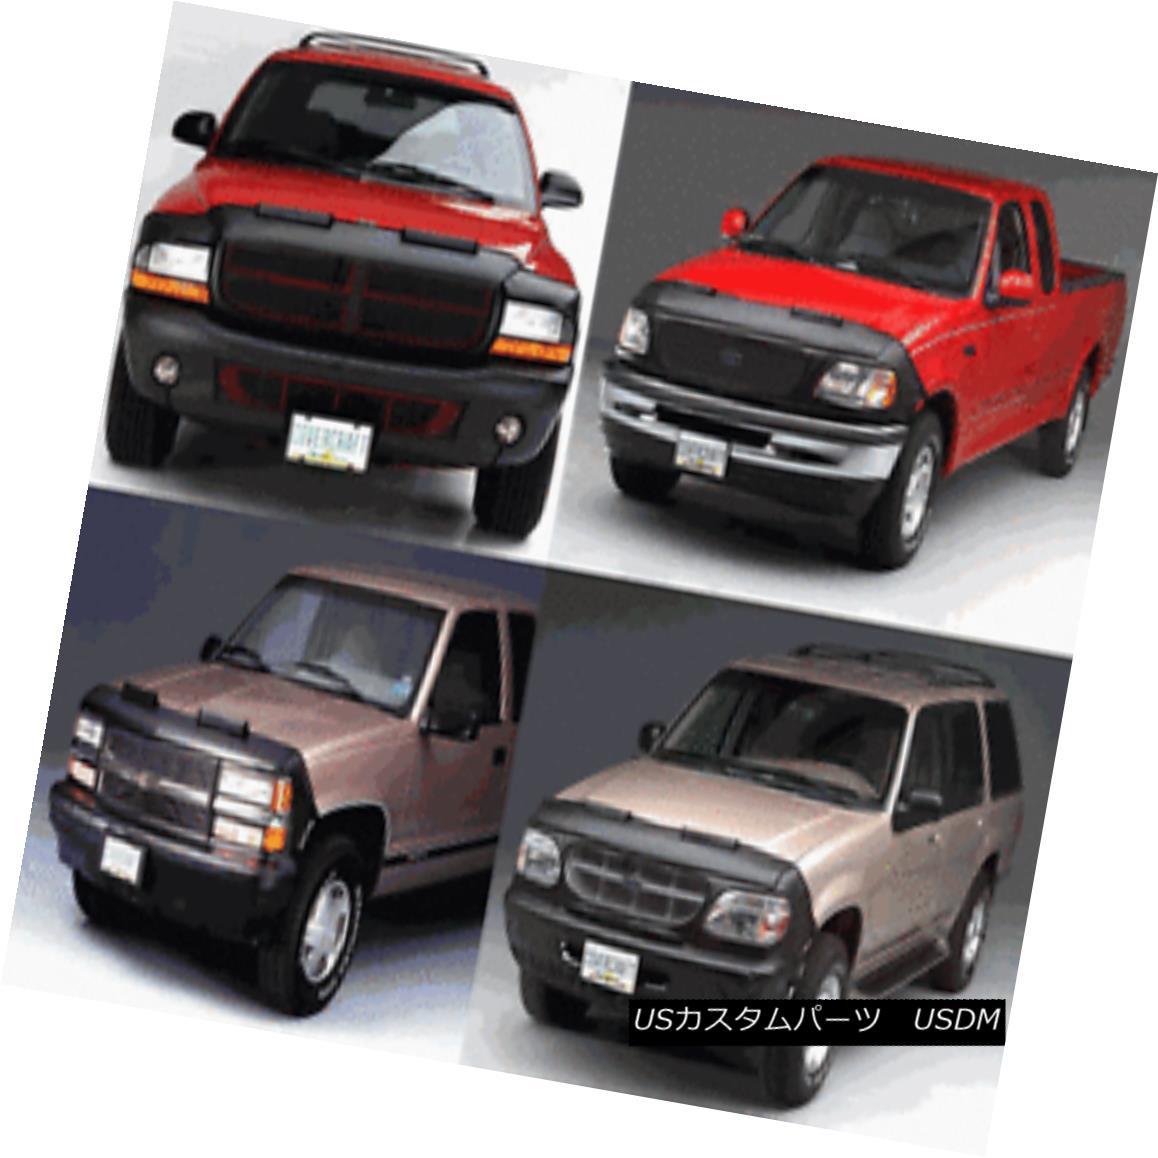 フルブラ ノーズブラ Lebra Front End Mask Bra Fits 1996 1997 1998 96 97 98 Honda Civic (ALL) Lebraフロントエンドマスクブラフィット1996 1997 96 96 97 98 Honda Civic(ALL)